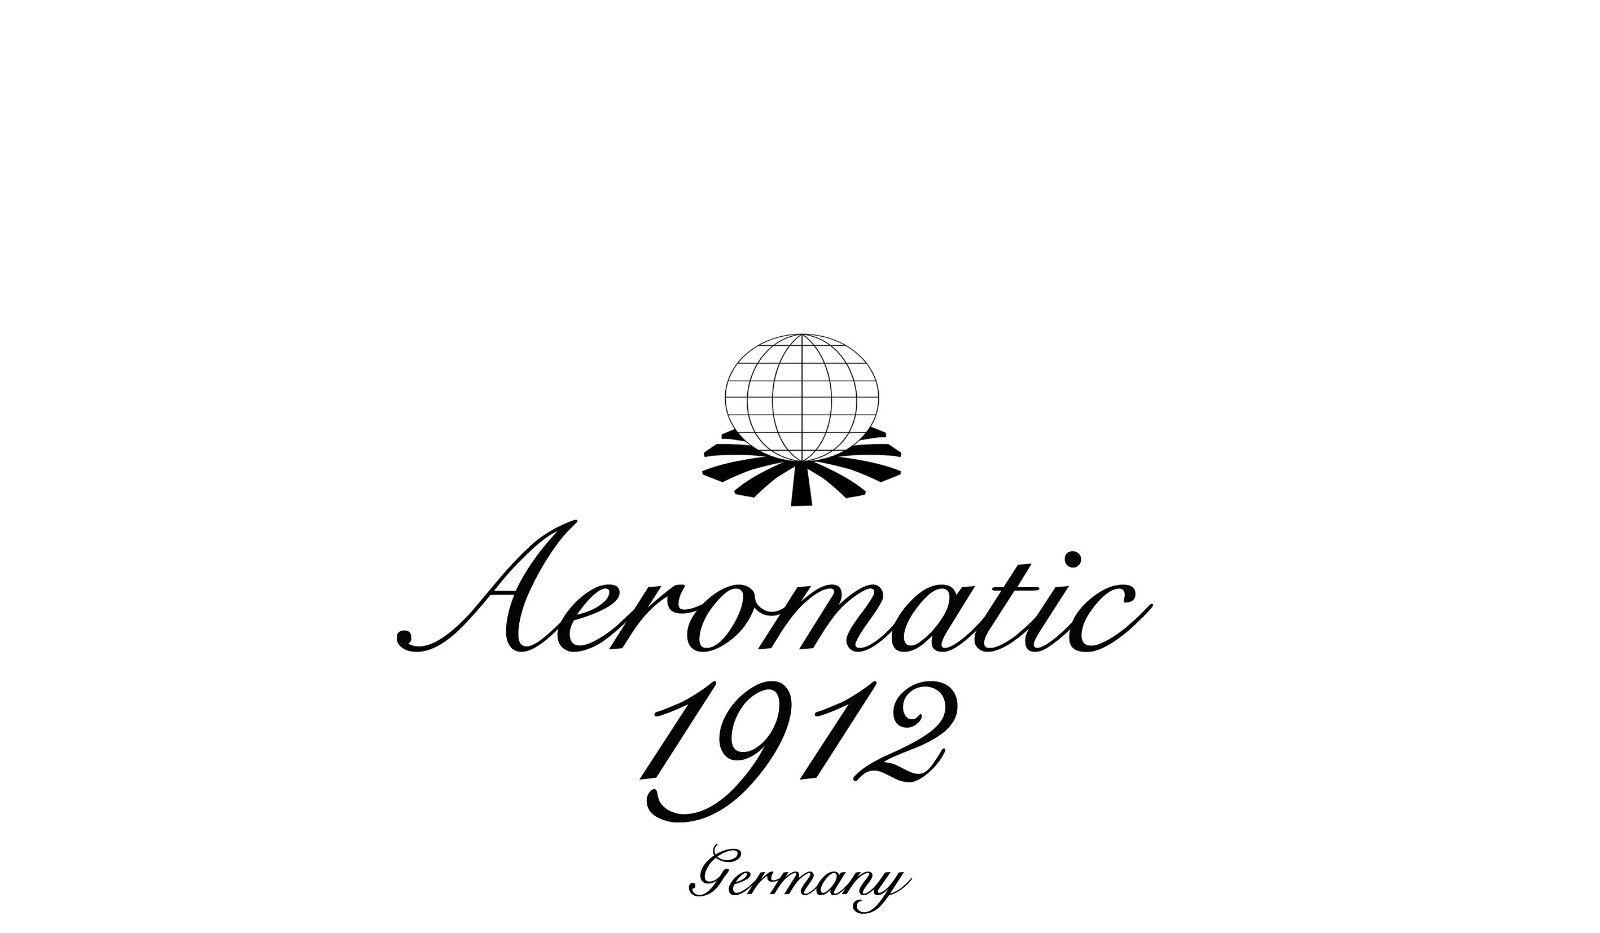 XXL-Defender Flieger ALARM ALARM ALARM Chrono Kronensicherung A1349 3be038